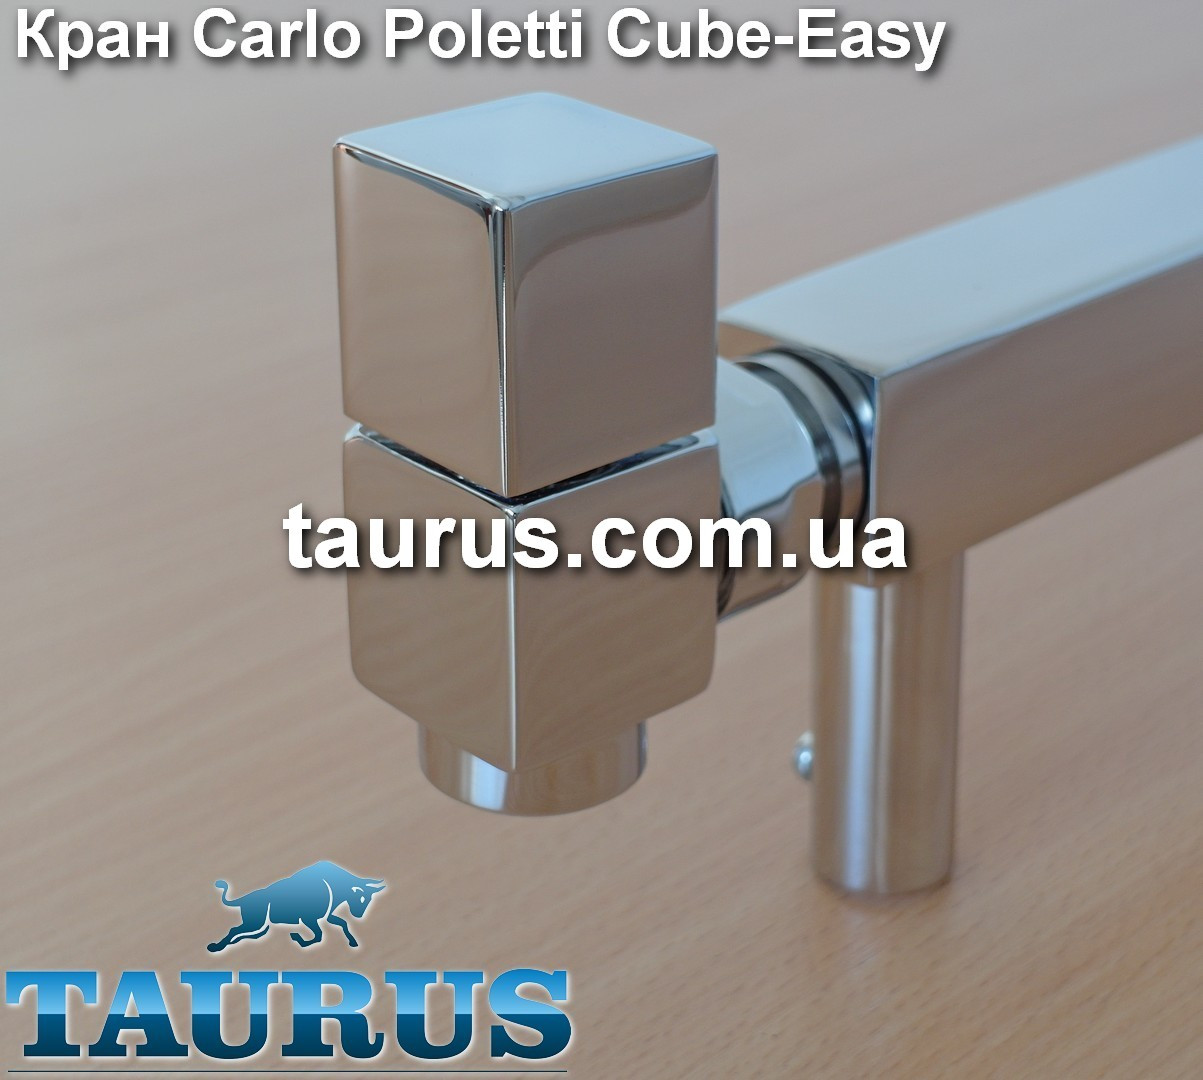 """Кран квадратный угловой Carlo Poletti Cube-Easy (Италия) для полотенцесушителей и радиаторов. Оригинал. 1/2"""""""